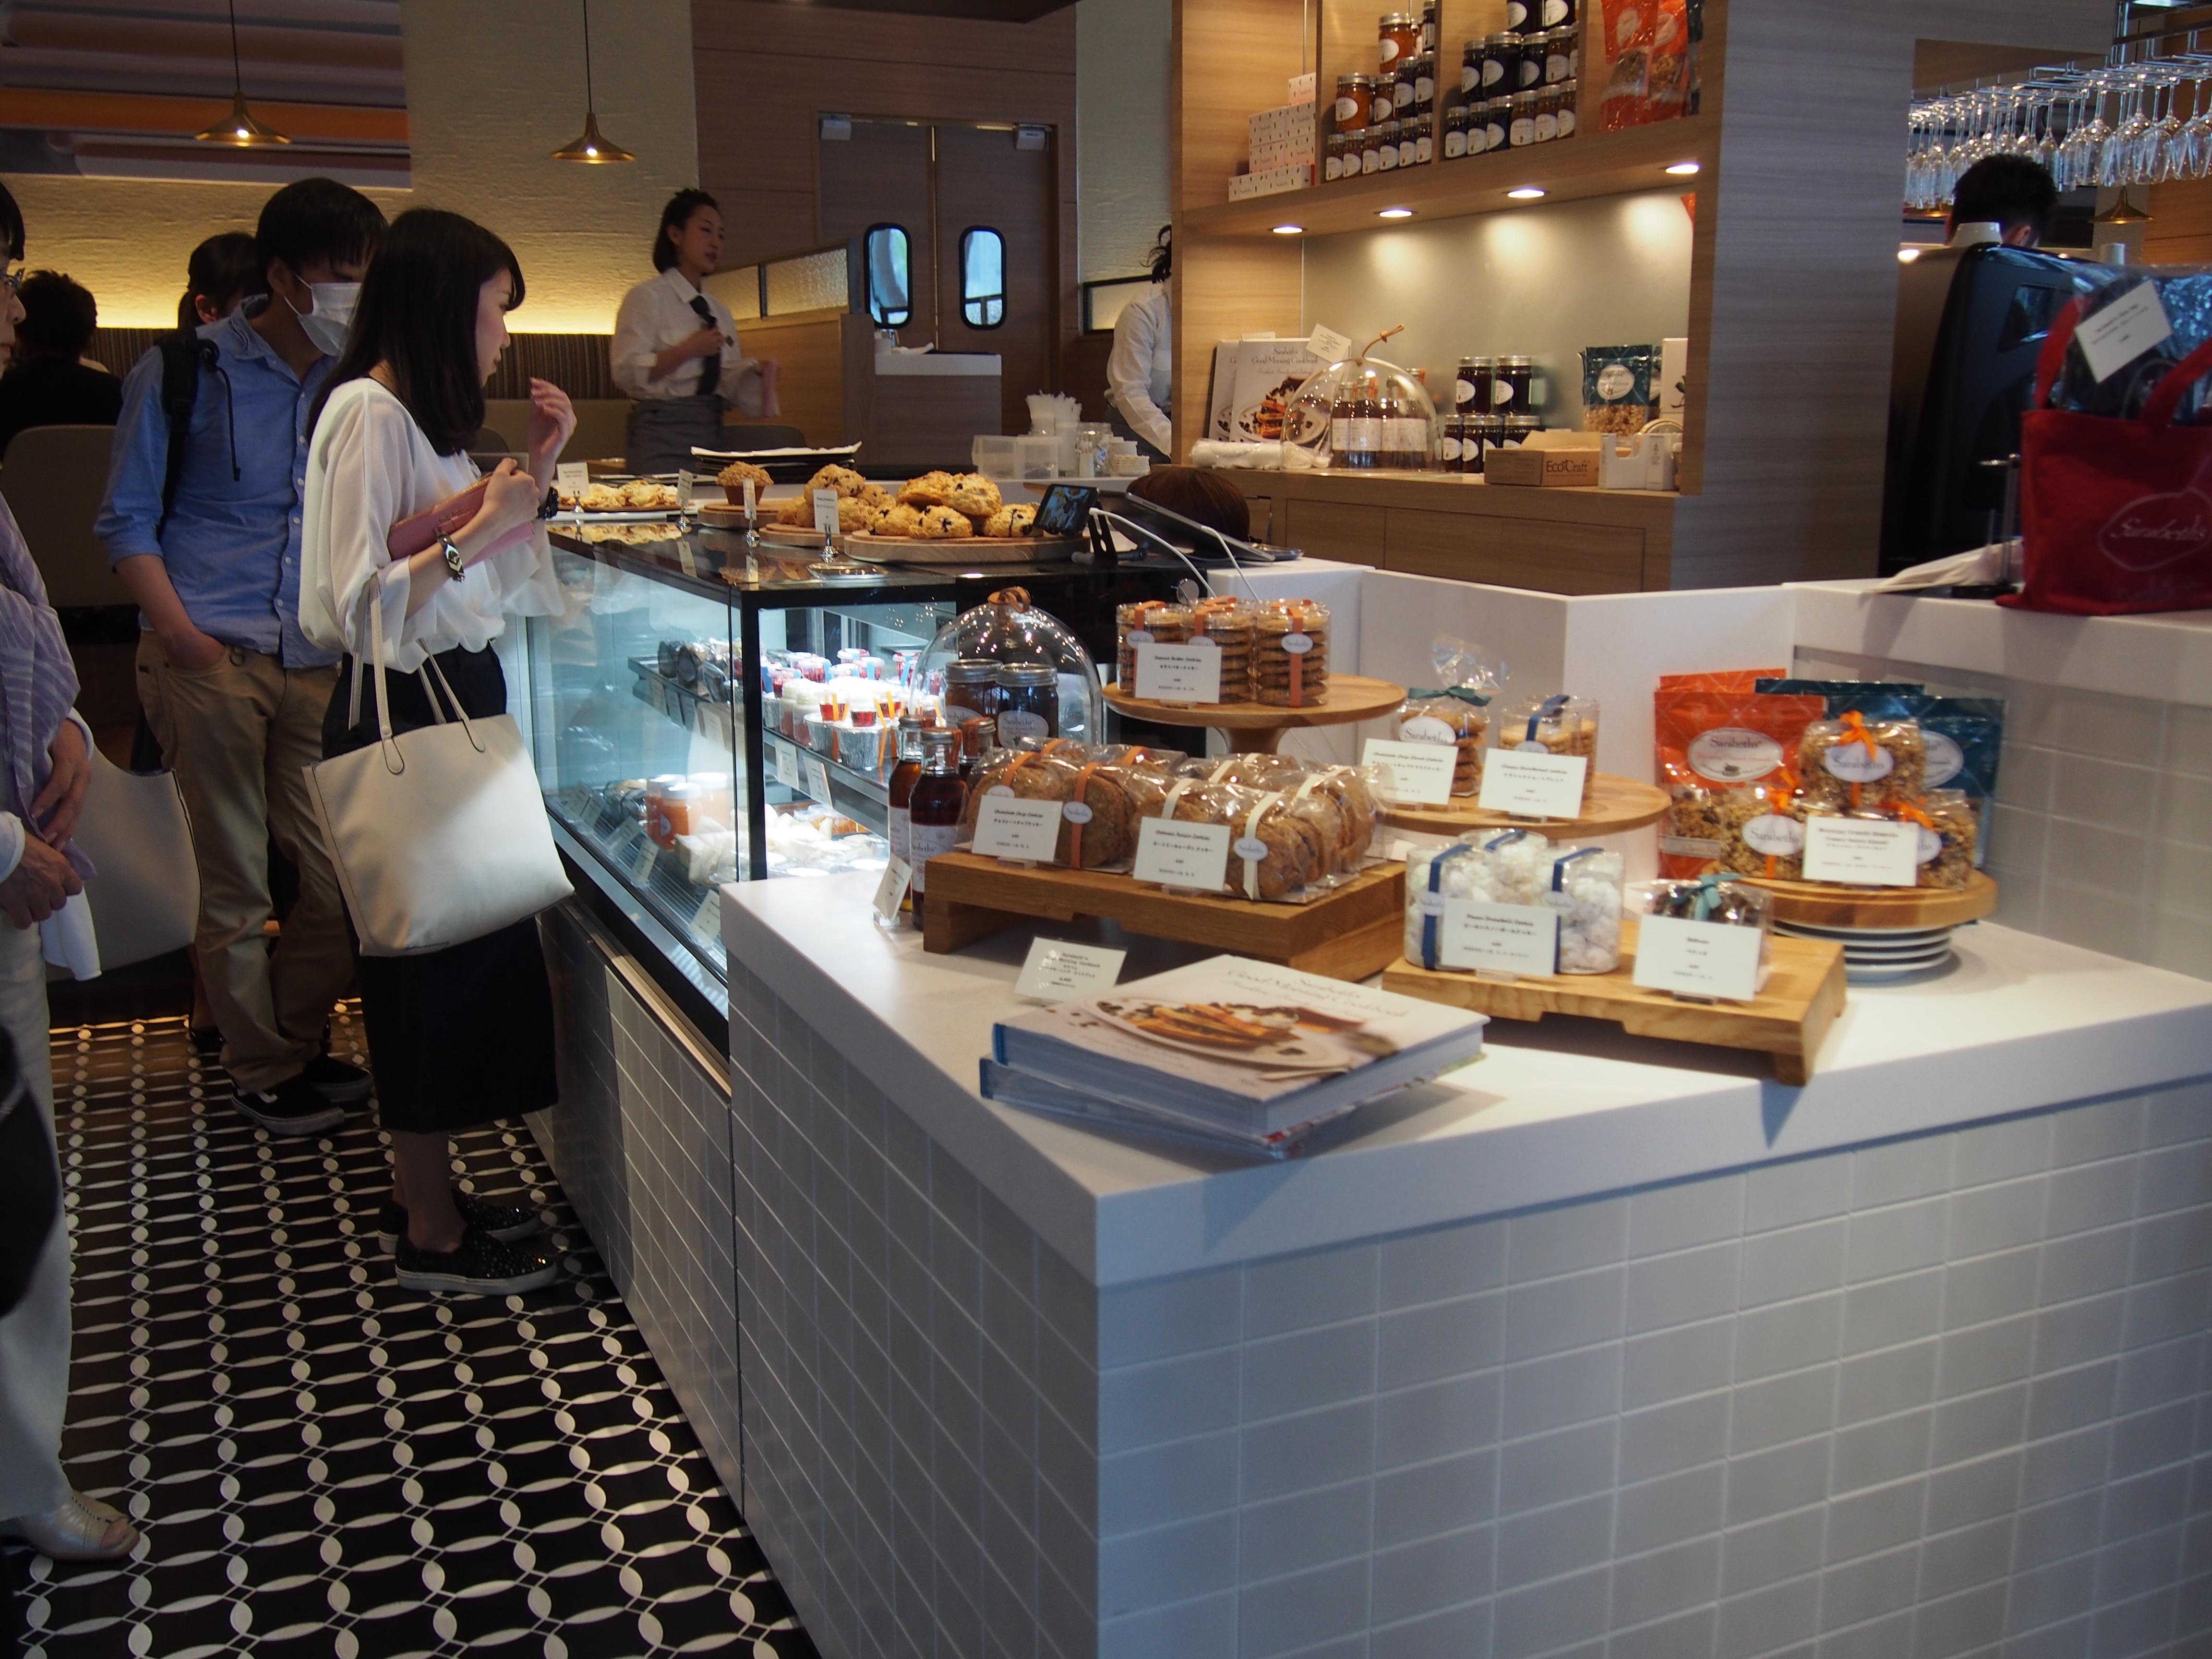 NYの朝食の女王!絶大な人気を誇る『サラベス』名古屋店に行ってきた - P5171965